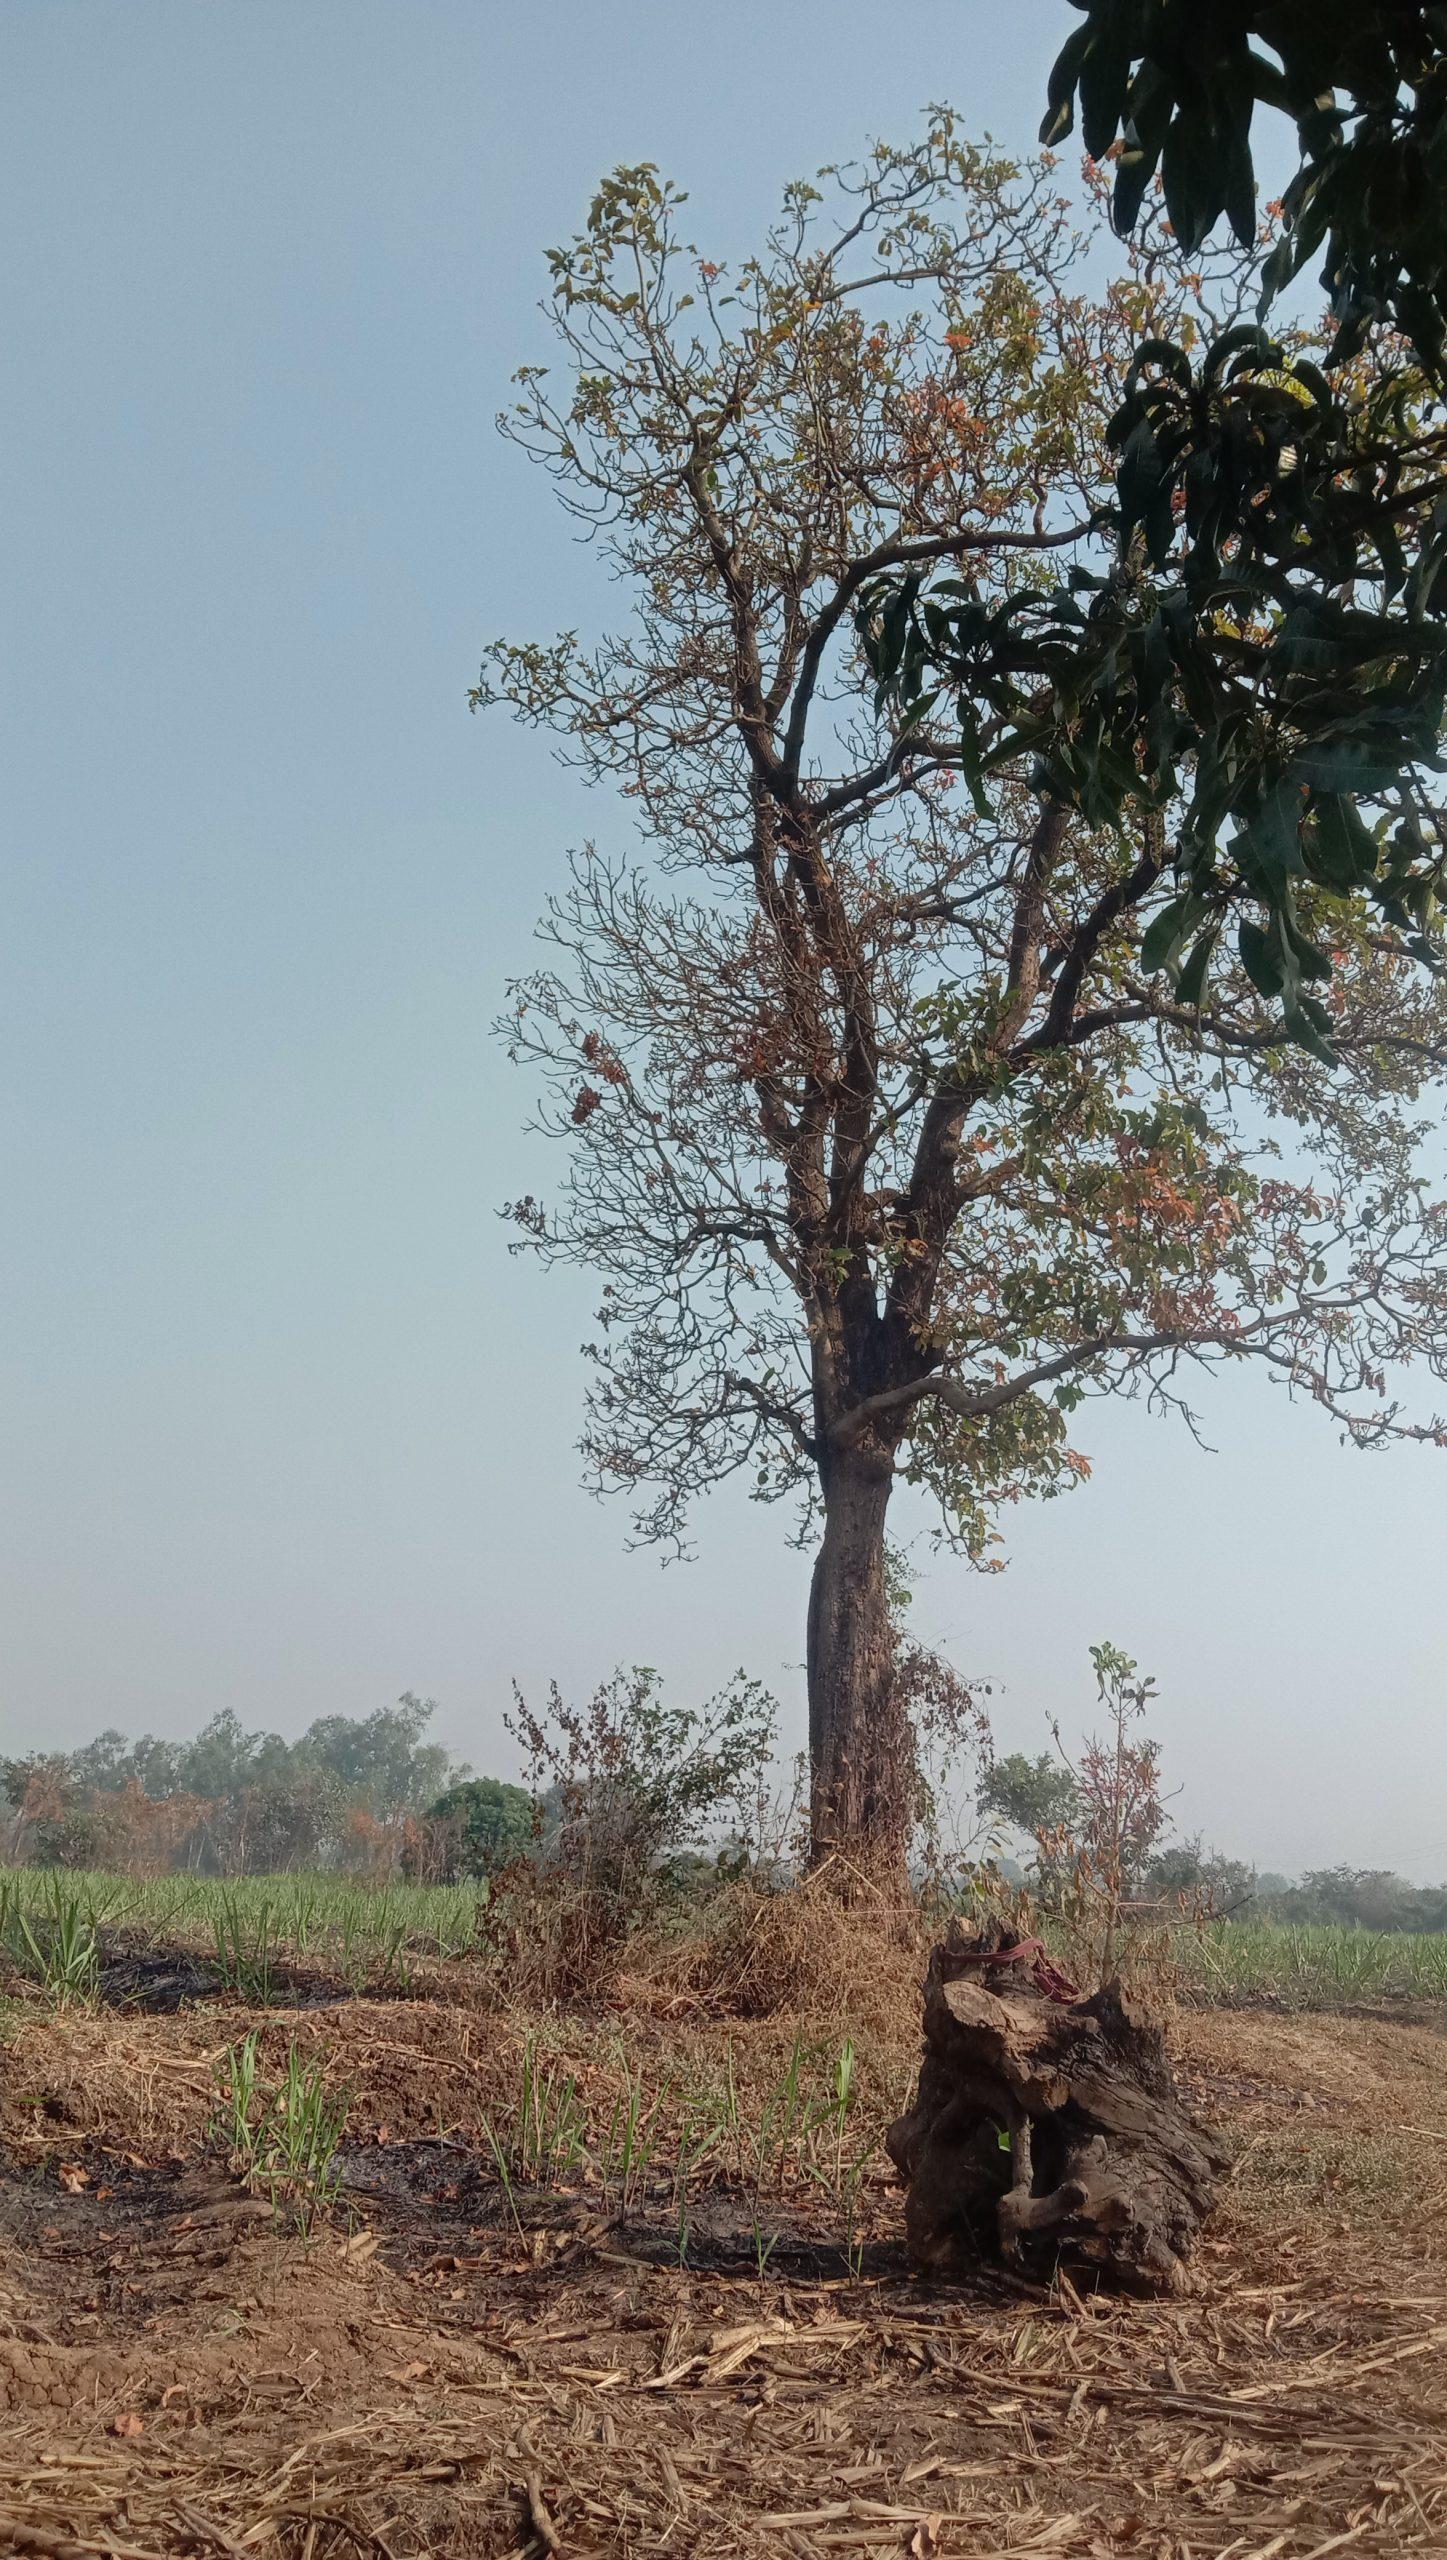 Tree in farm